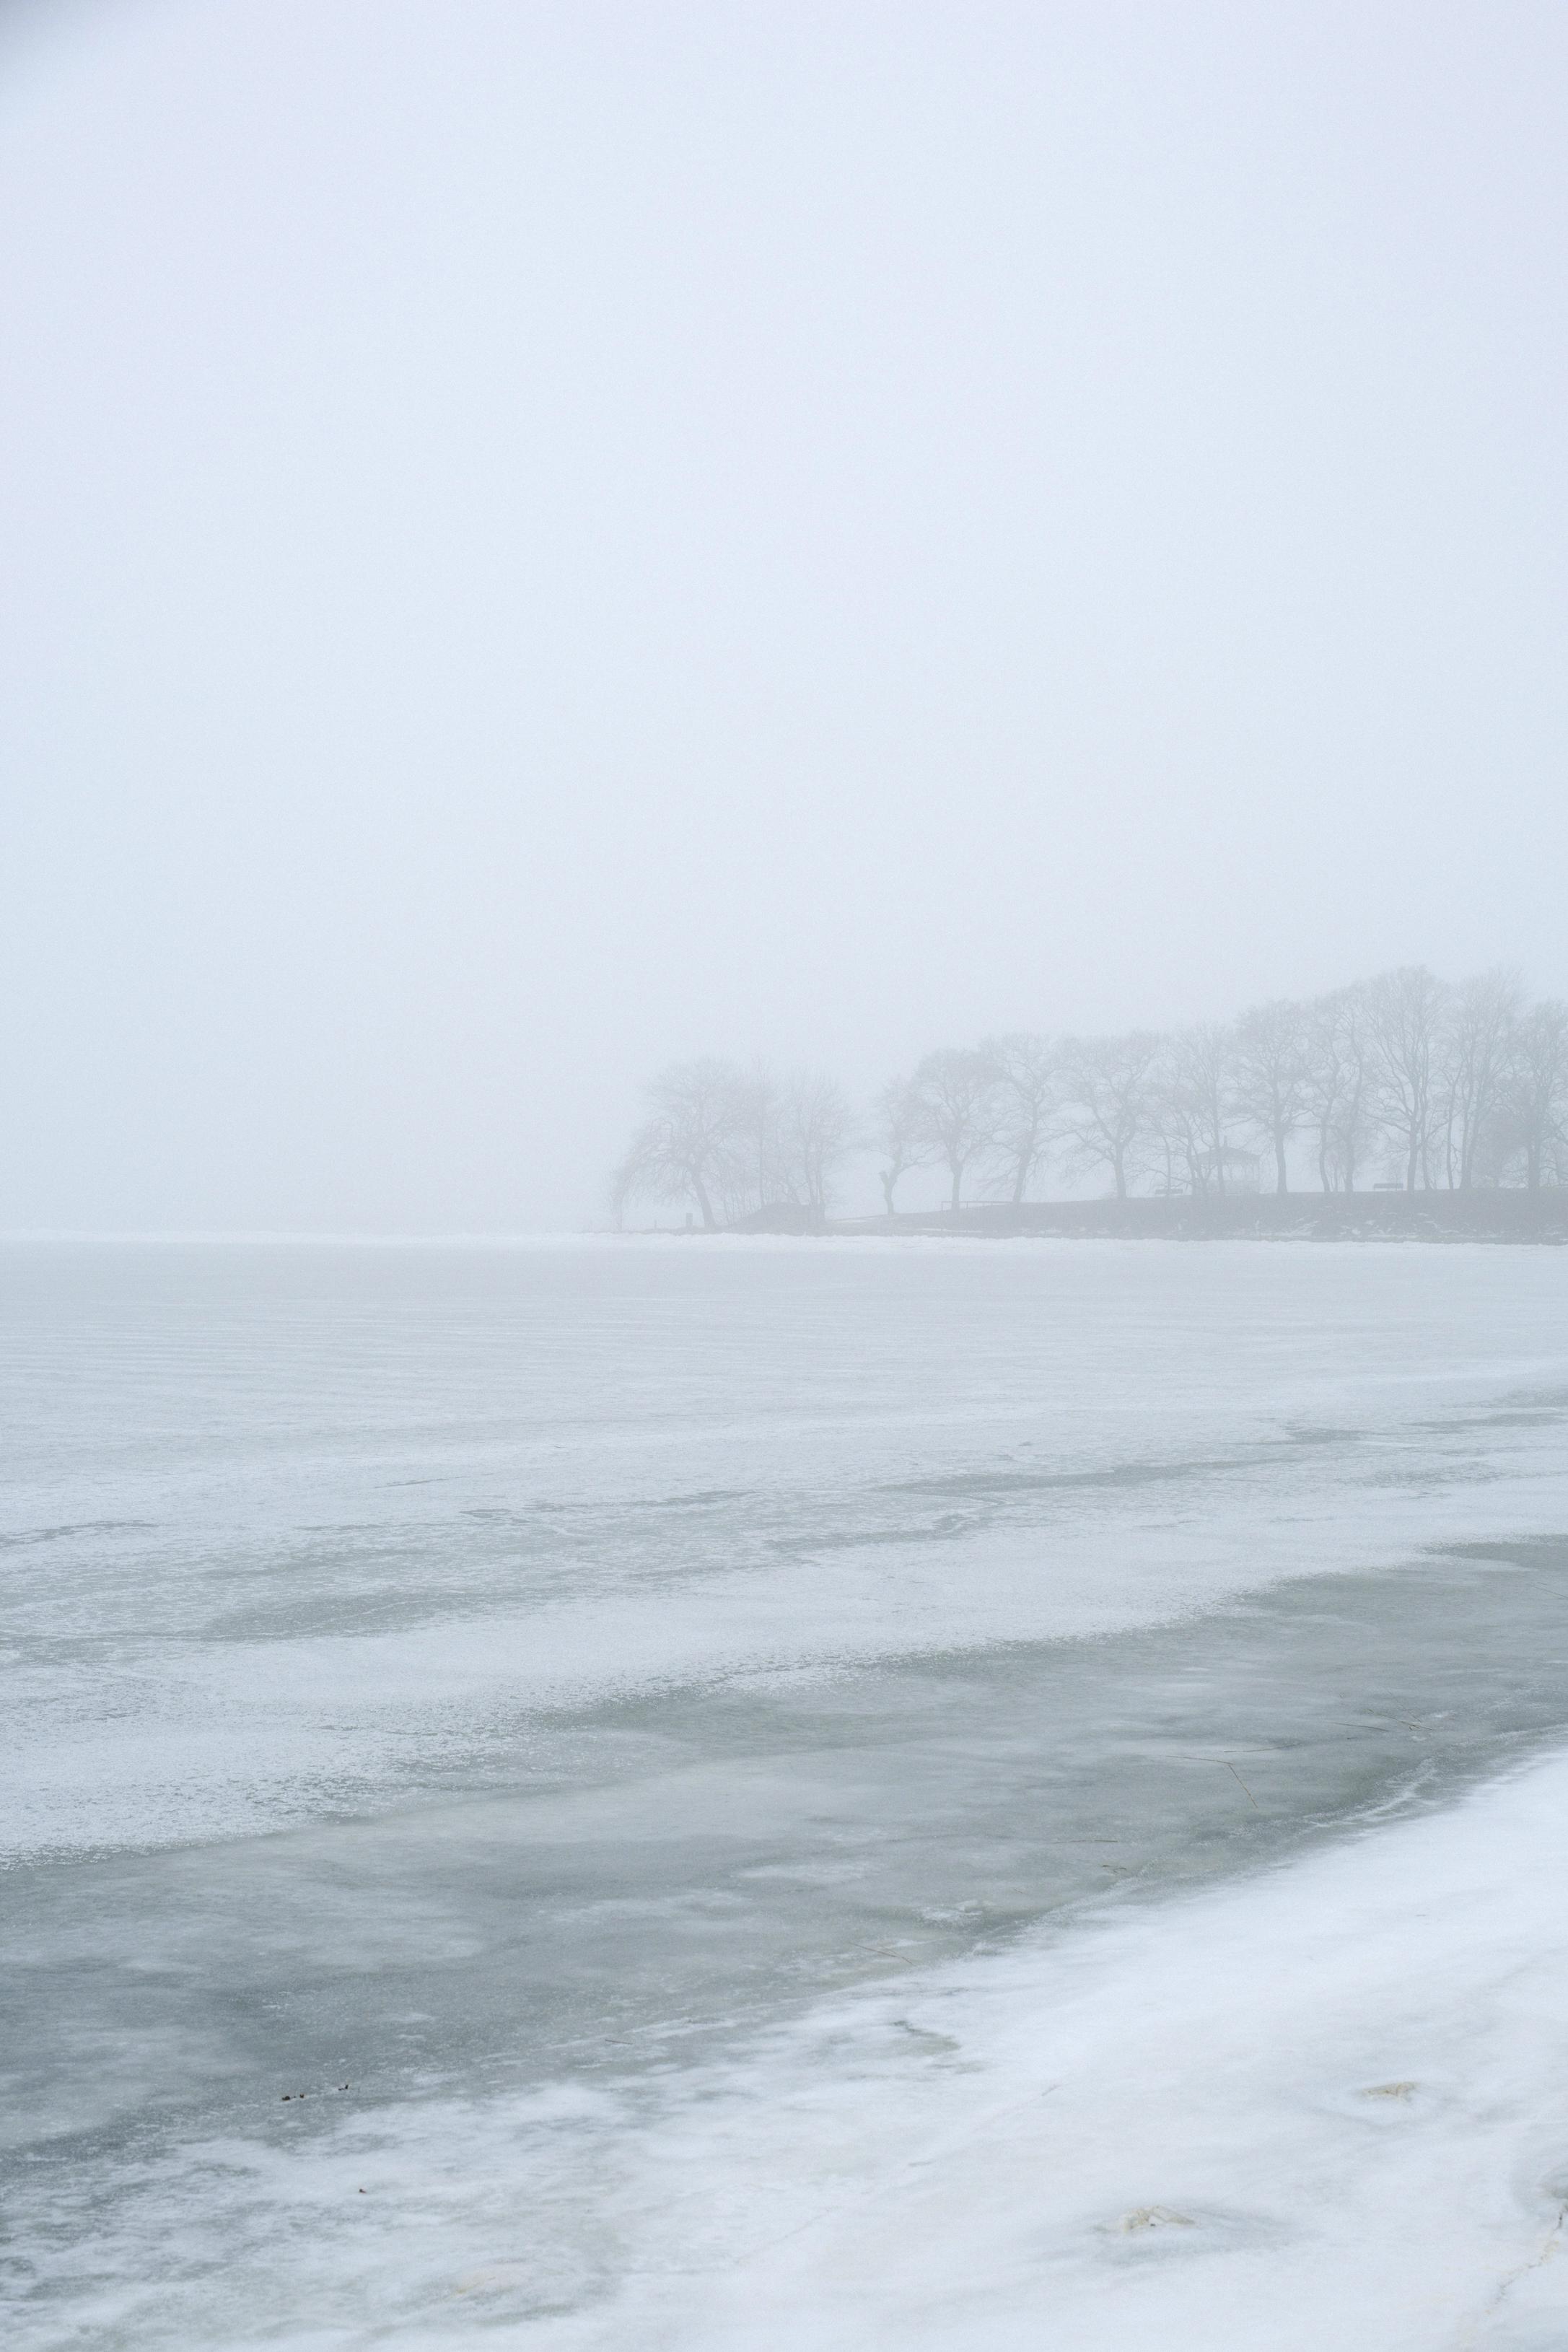 tåge_vejle_marts_fotograf Tine Hvolby_64